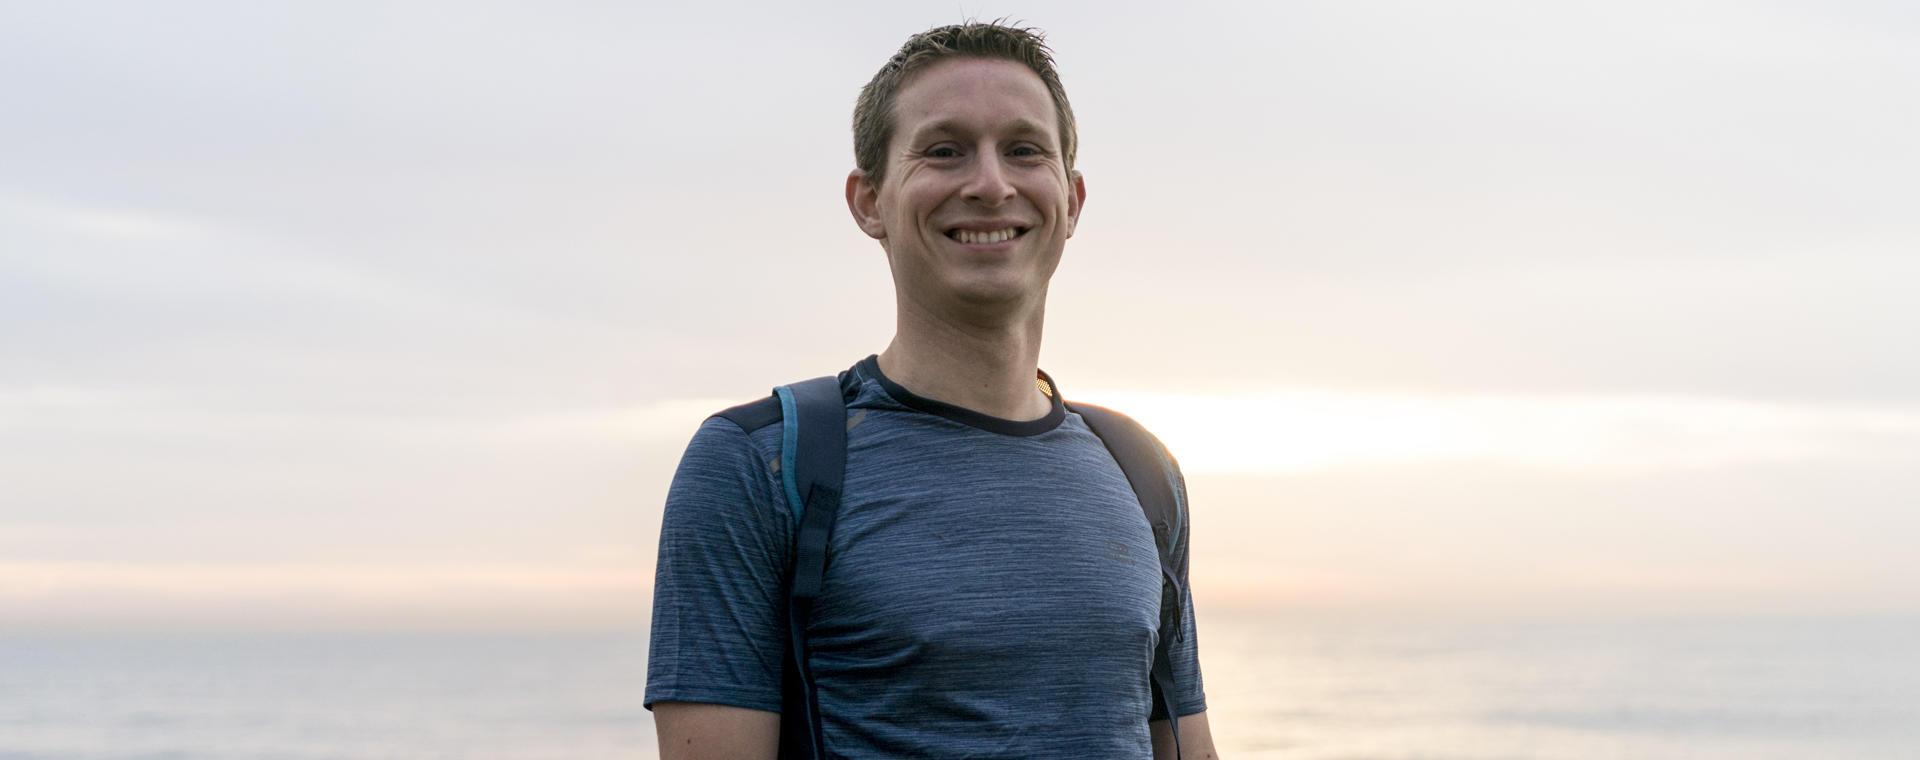 Erik Pflieger - Promoteur de la marche et de Newfeel